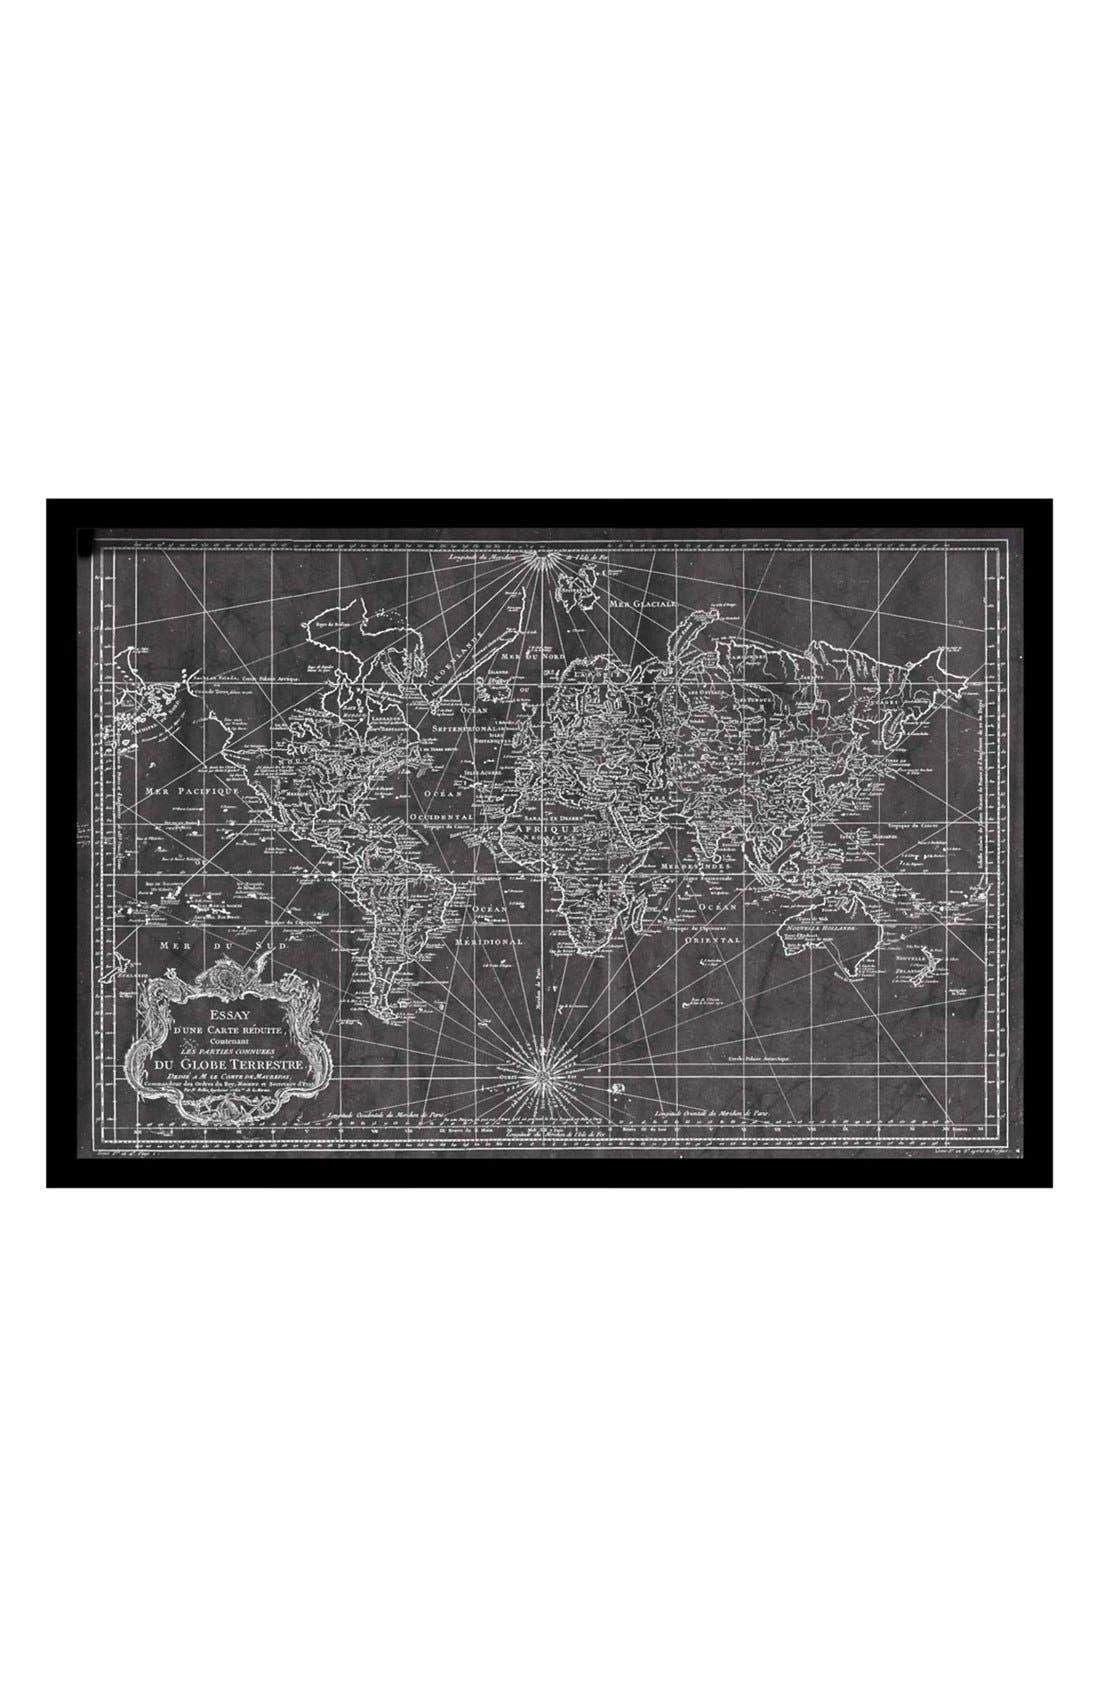 Alternate Image 1 Selected - Oliver Gal 'World Map 1778' Framed Art Print